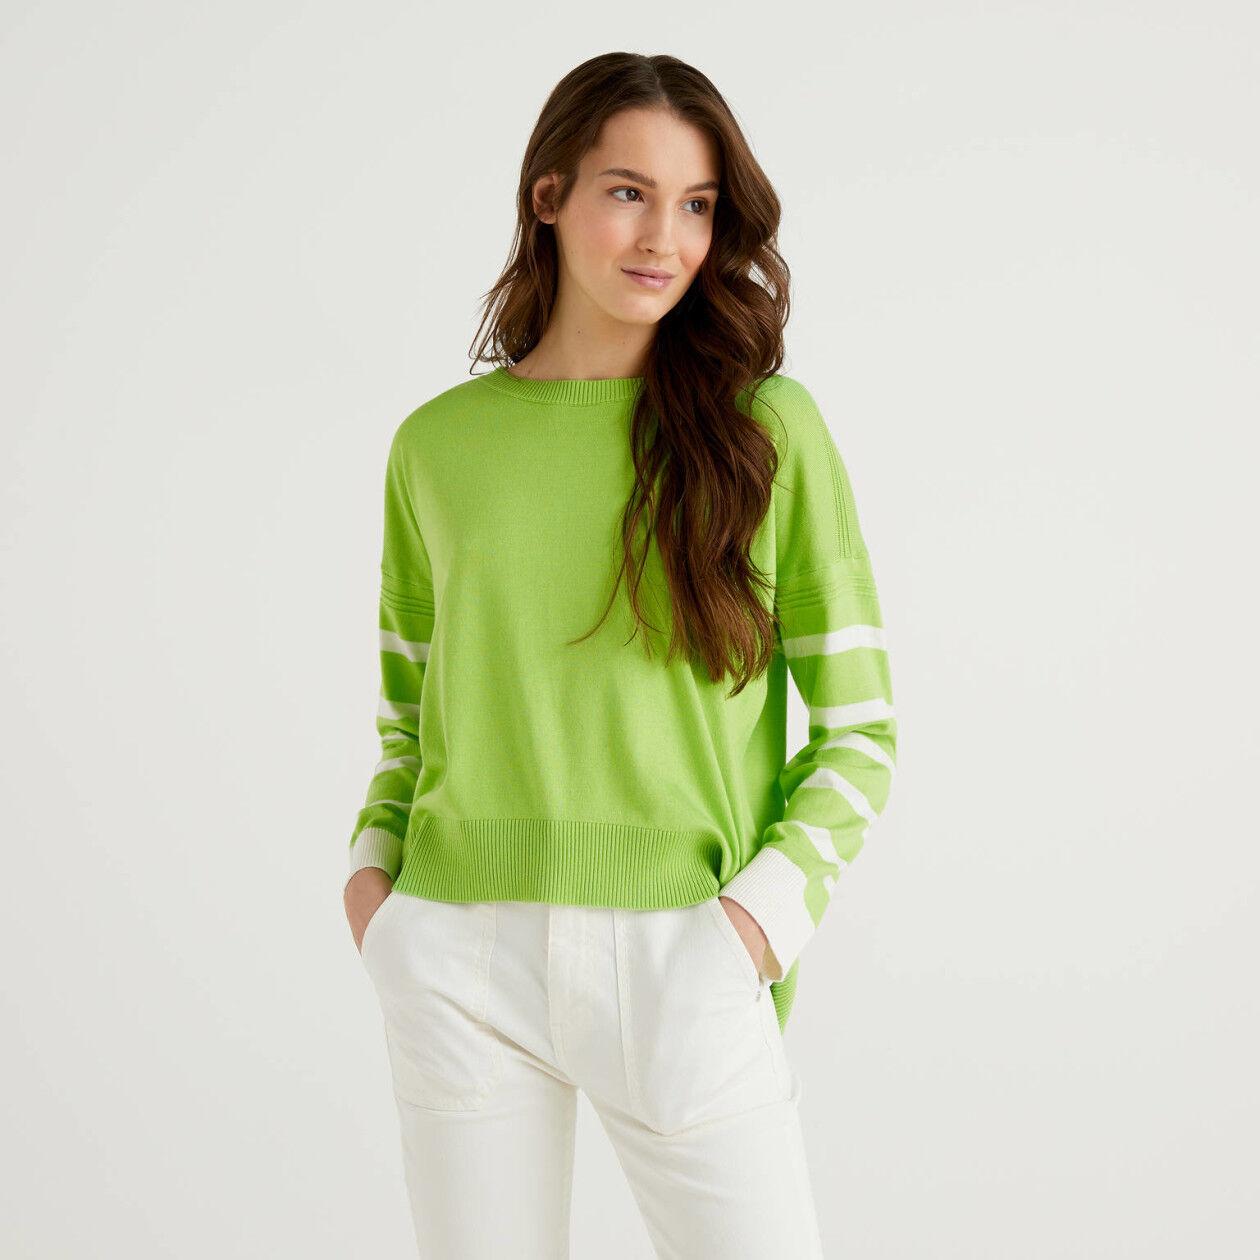 Camisola verde-claro com racha atrás